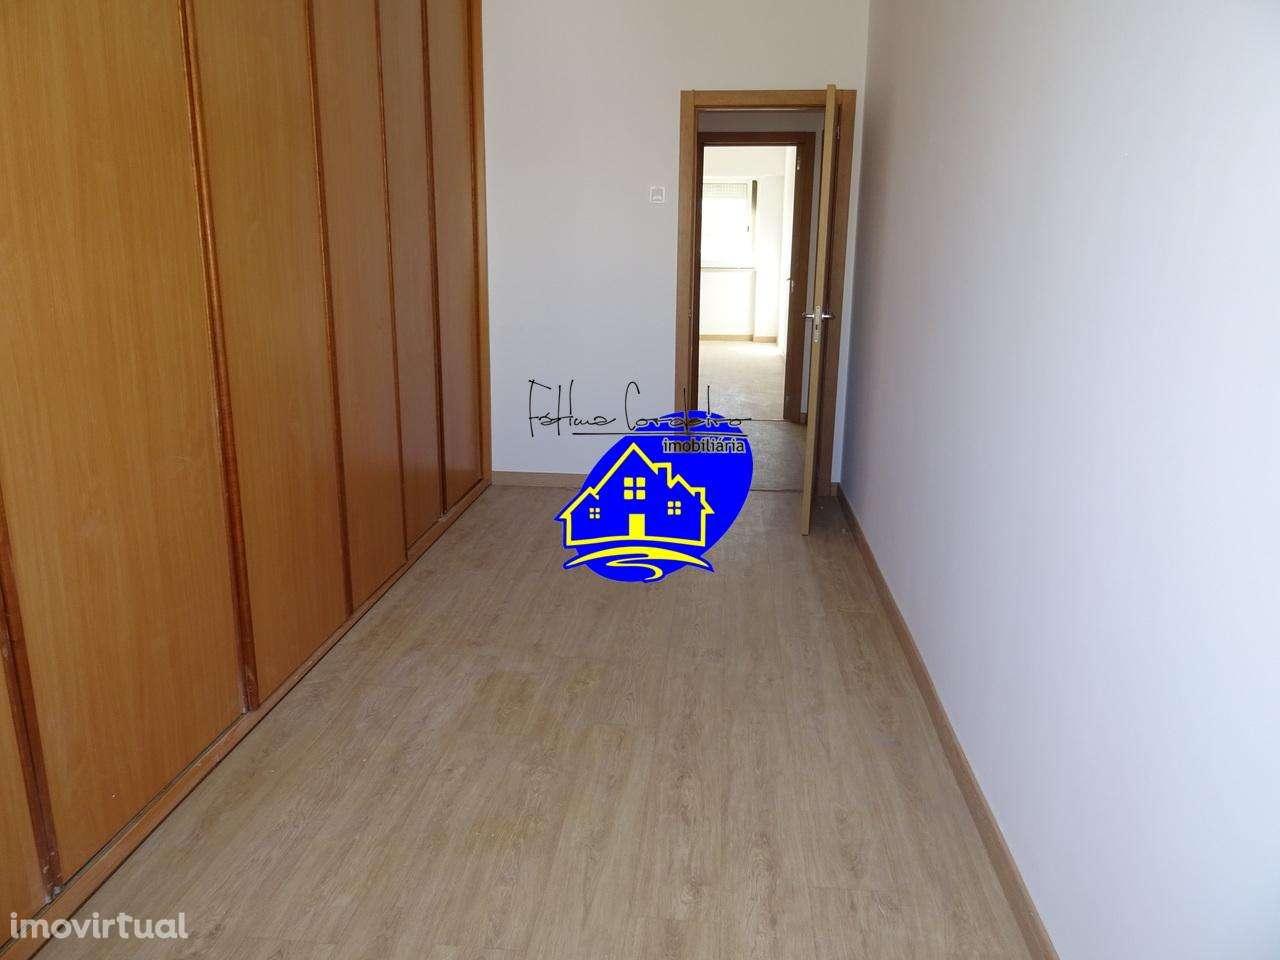 Apartamento para comprar, Almada, Cova da Piedade, Pragal e Cacilhas, Almada, Setúbal - Foto 6